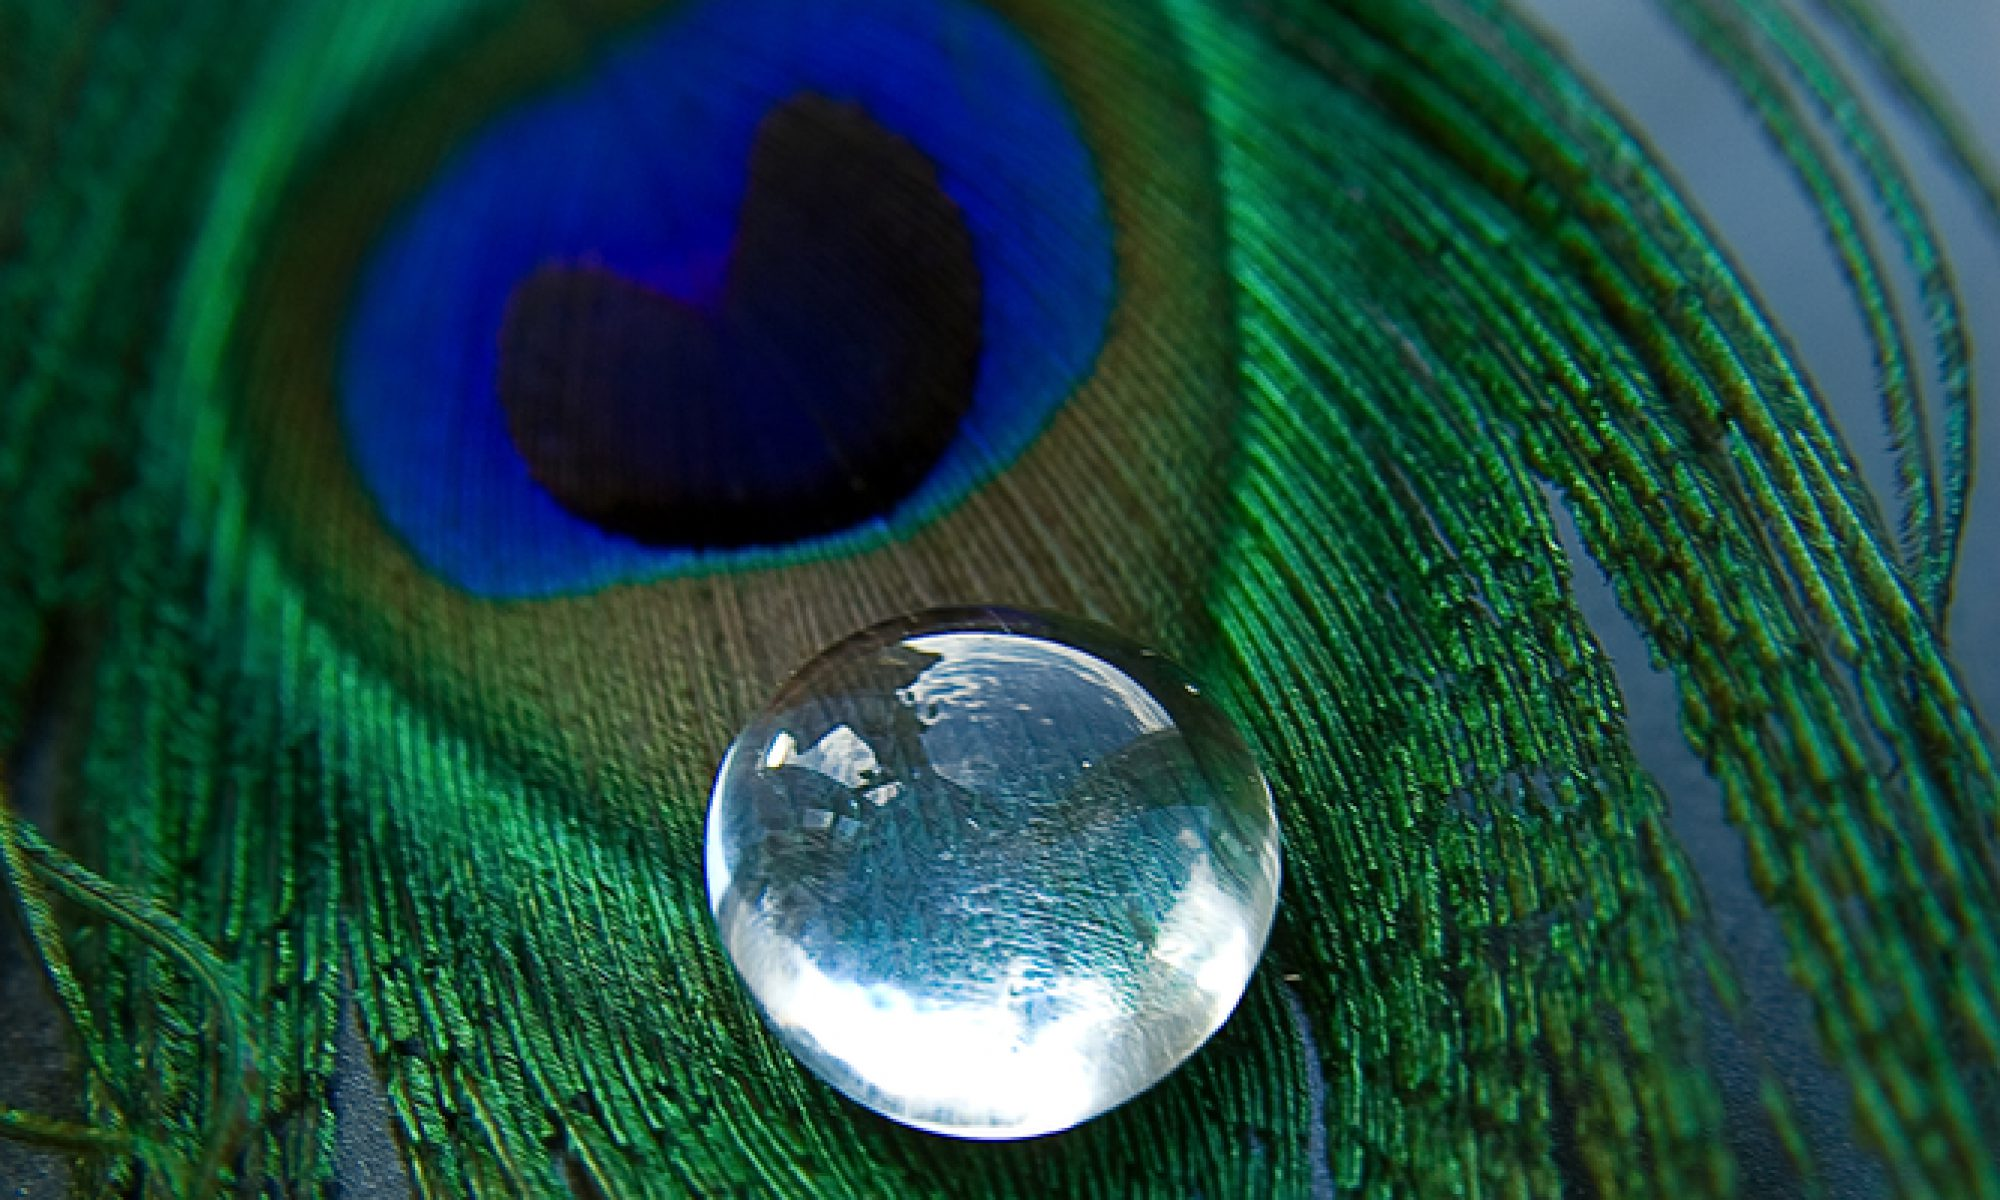 peacock tears